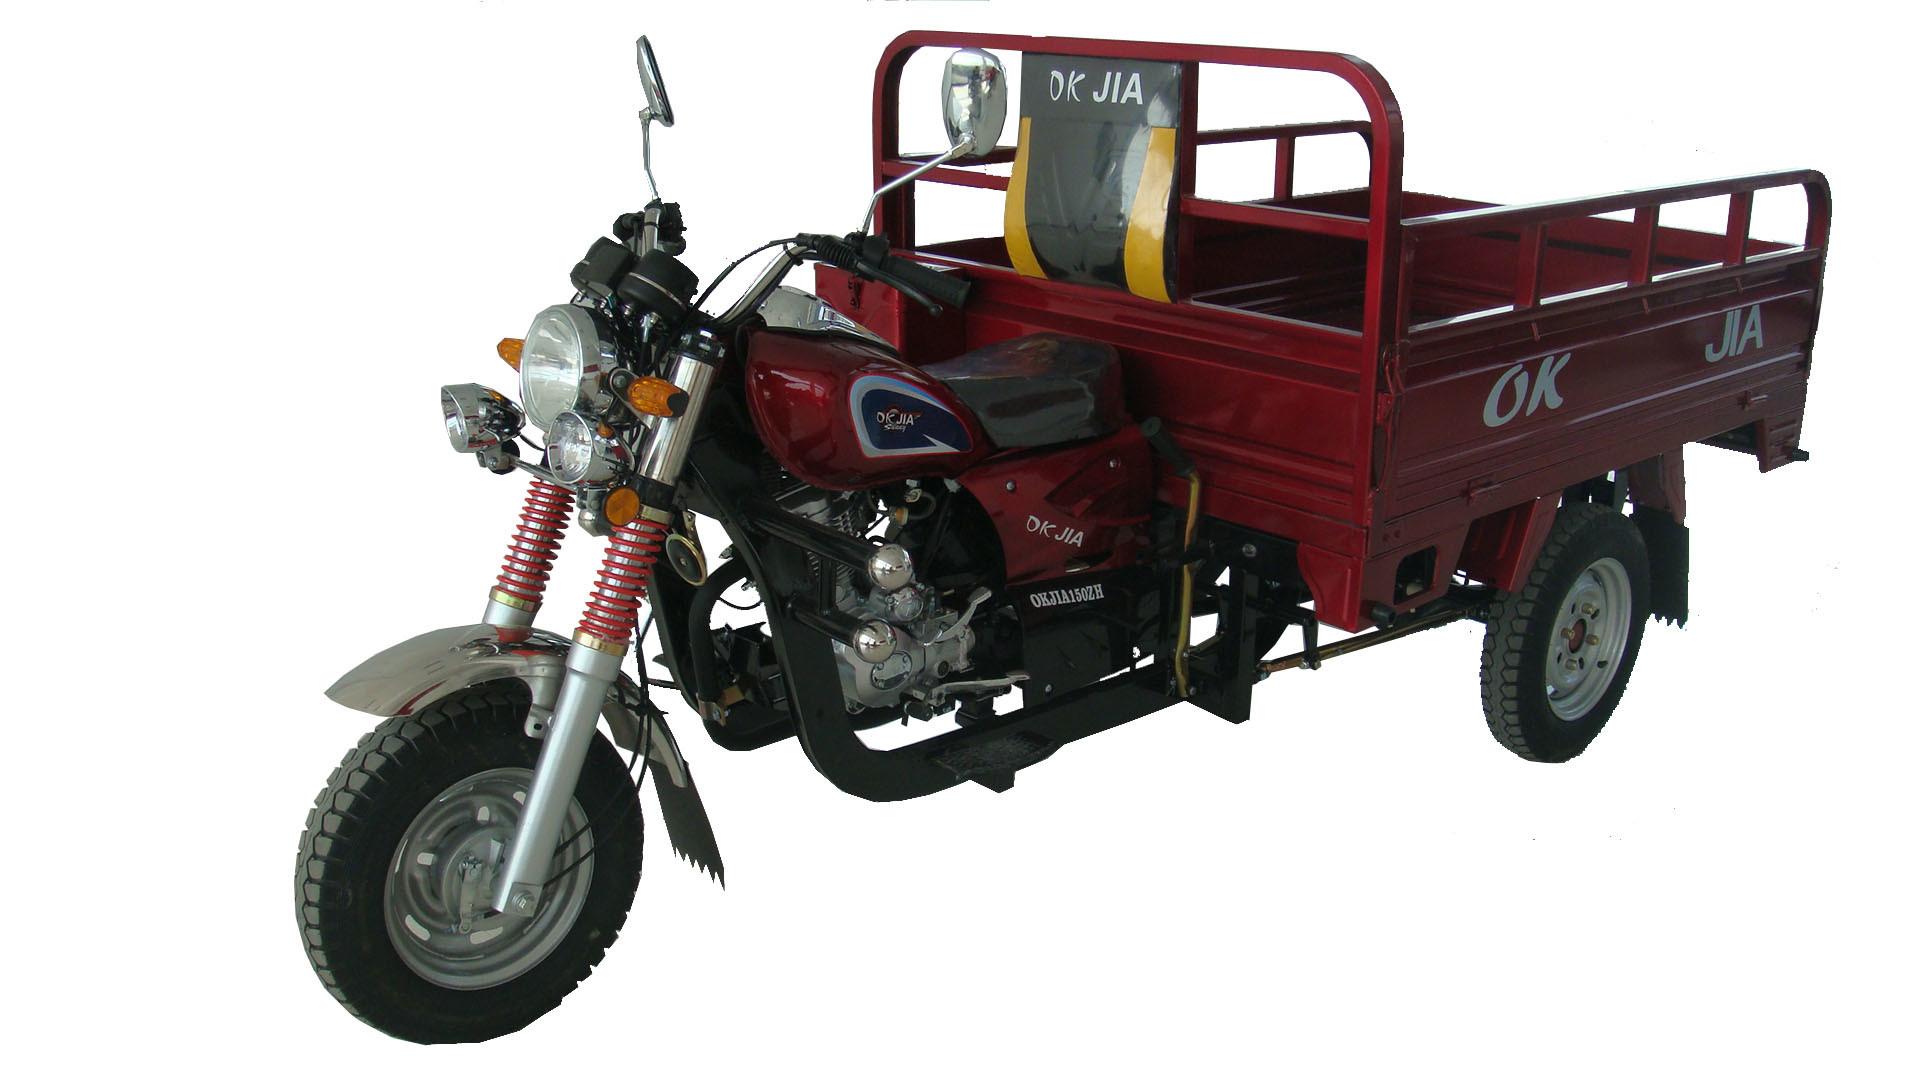 moto de trois roues okj150zh 7 3 moto de trois roues okj150zh 7 3 fournis par. Black Bedroom Furniture Sets. Home Design Ideas